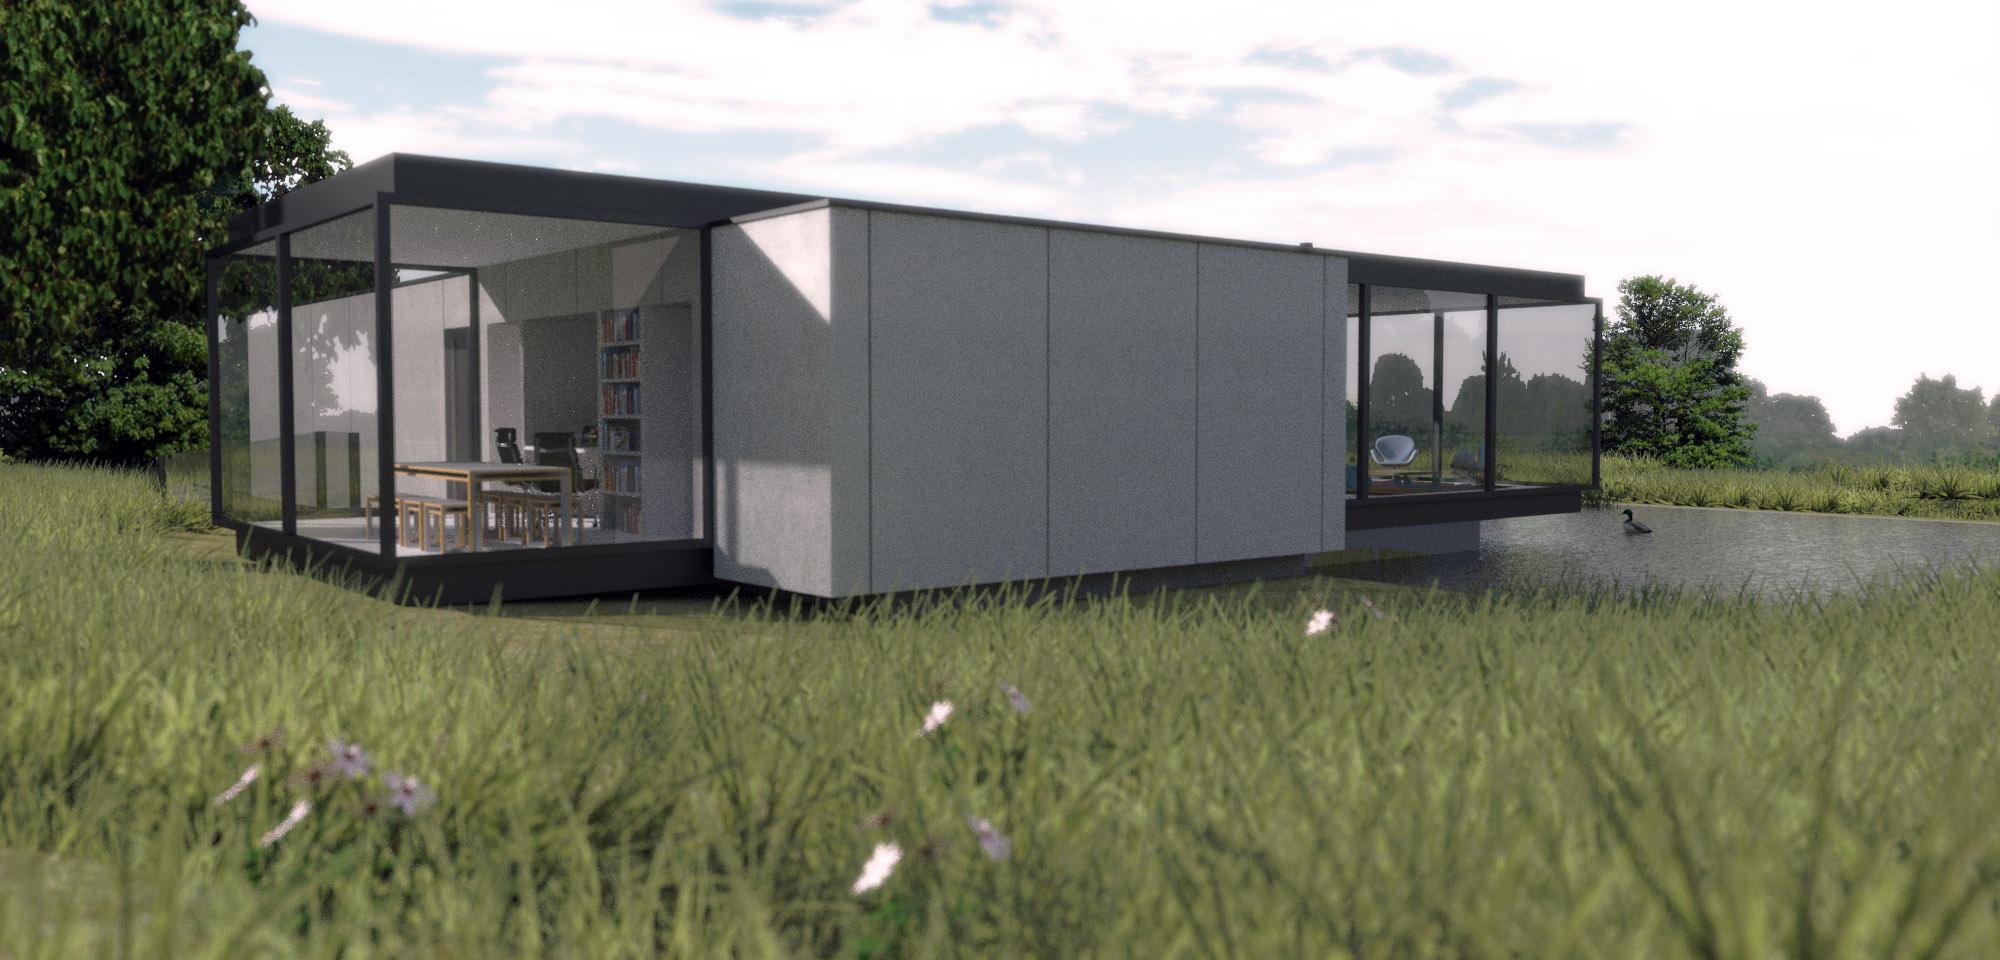 Villa Vechtdal: woonkamer en kantoor bevinden zich in het glazen volume, de slaapkamers en de berging in het betonnen volume